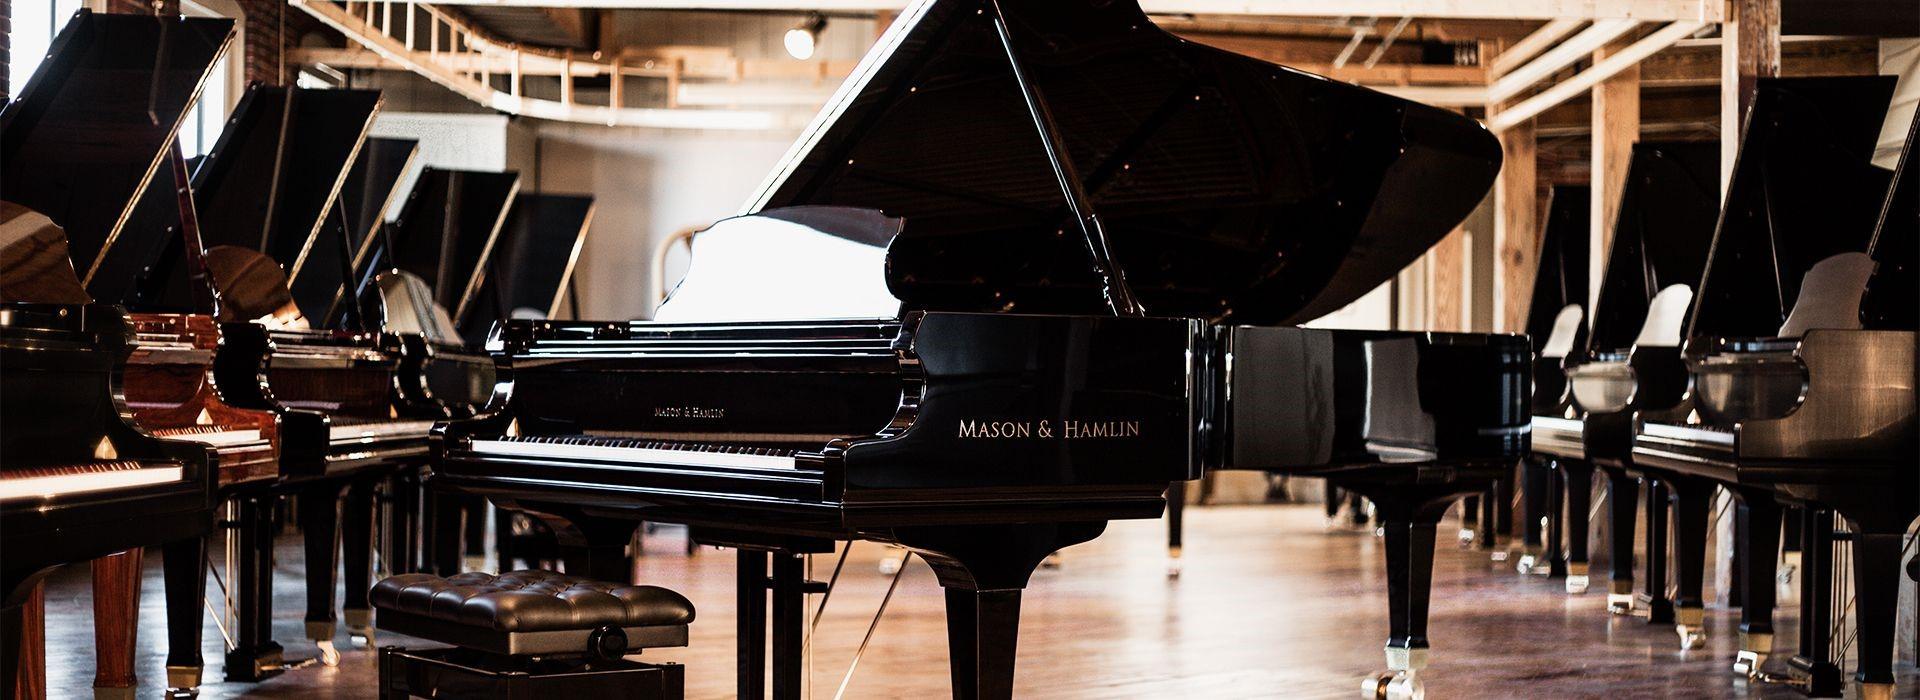 Đàn Grand piano Mason & Hamlin - thương hiệu lâu đời danh tiếng . Sản xuất bằng tay hoàn toàn Mỹ